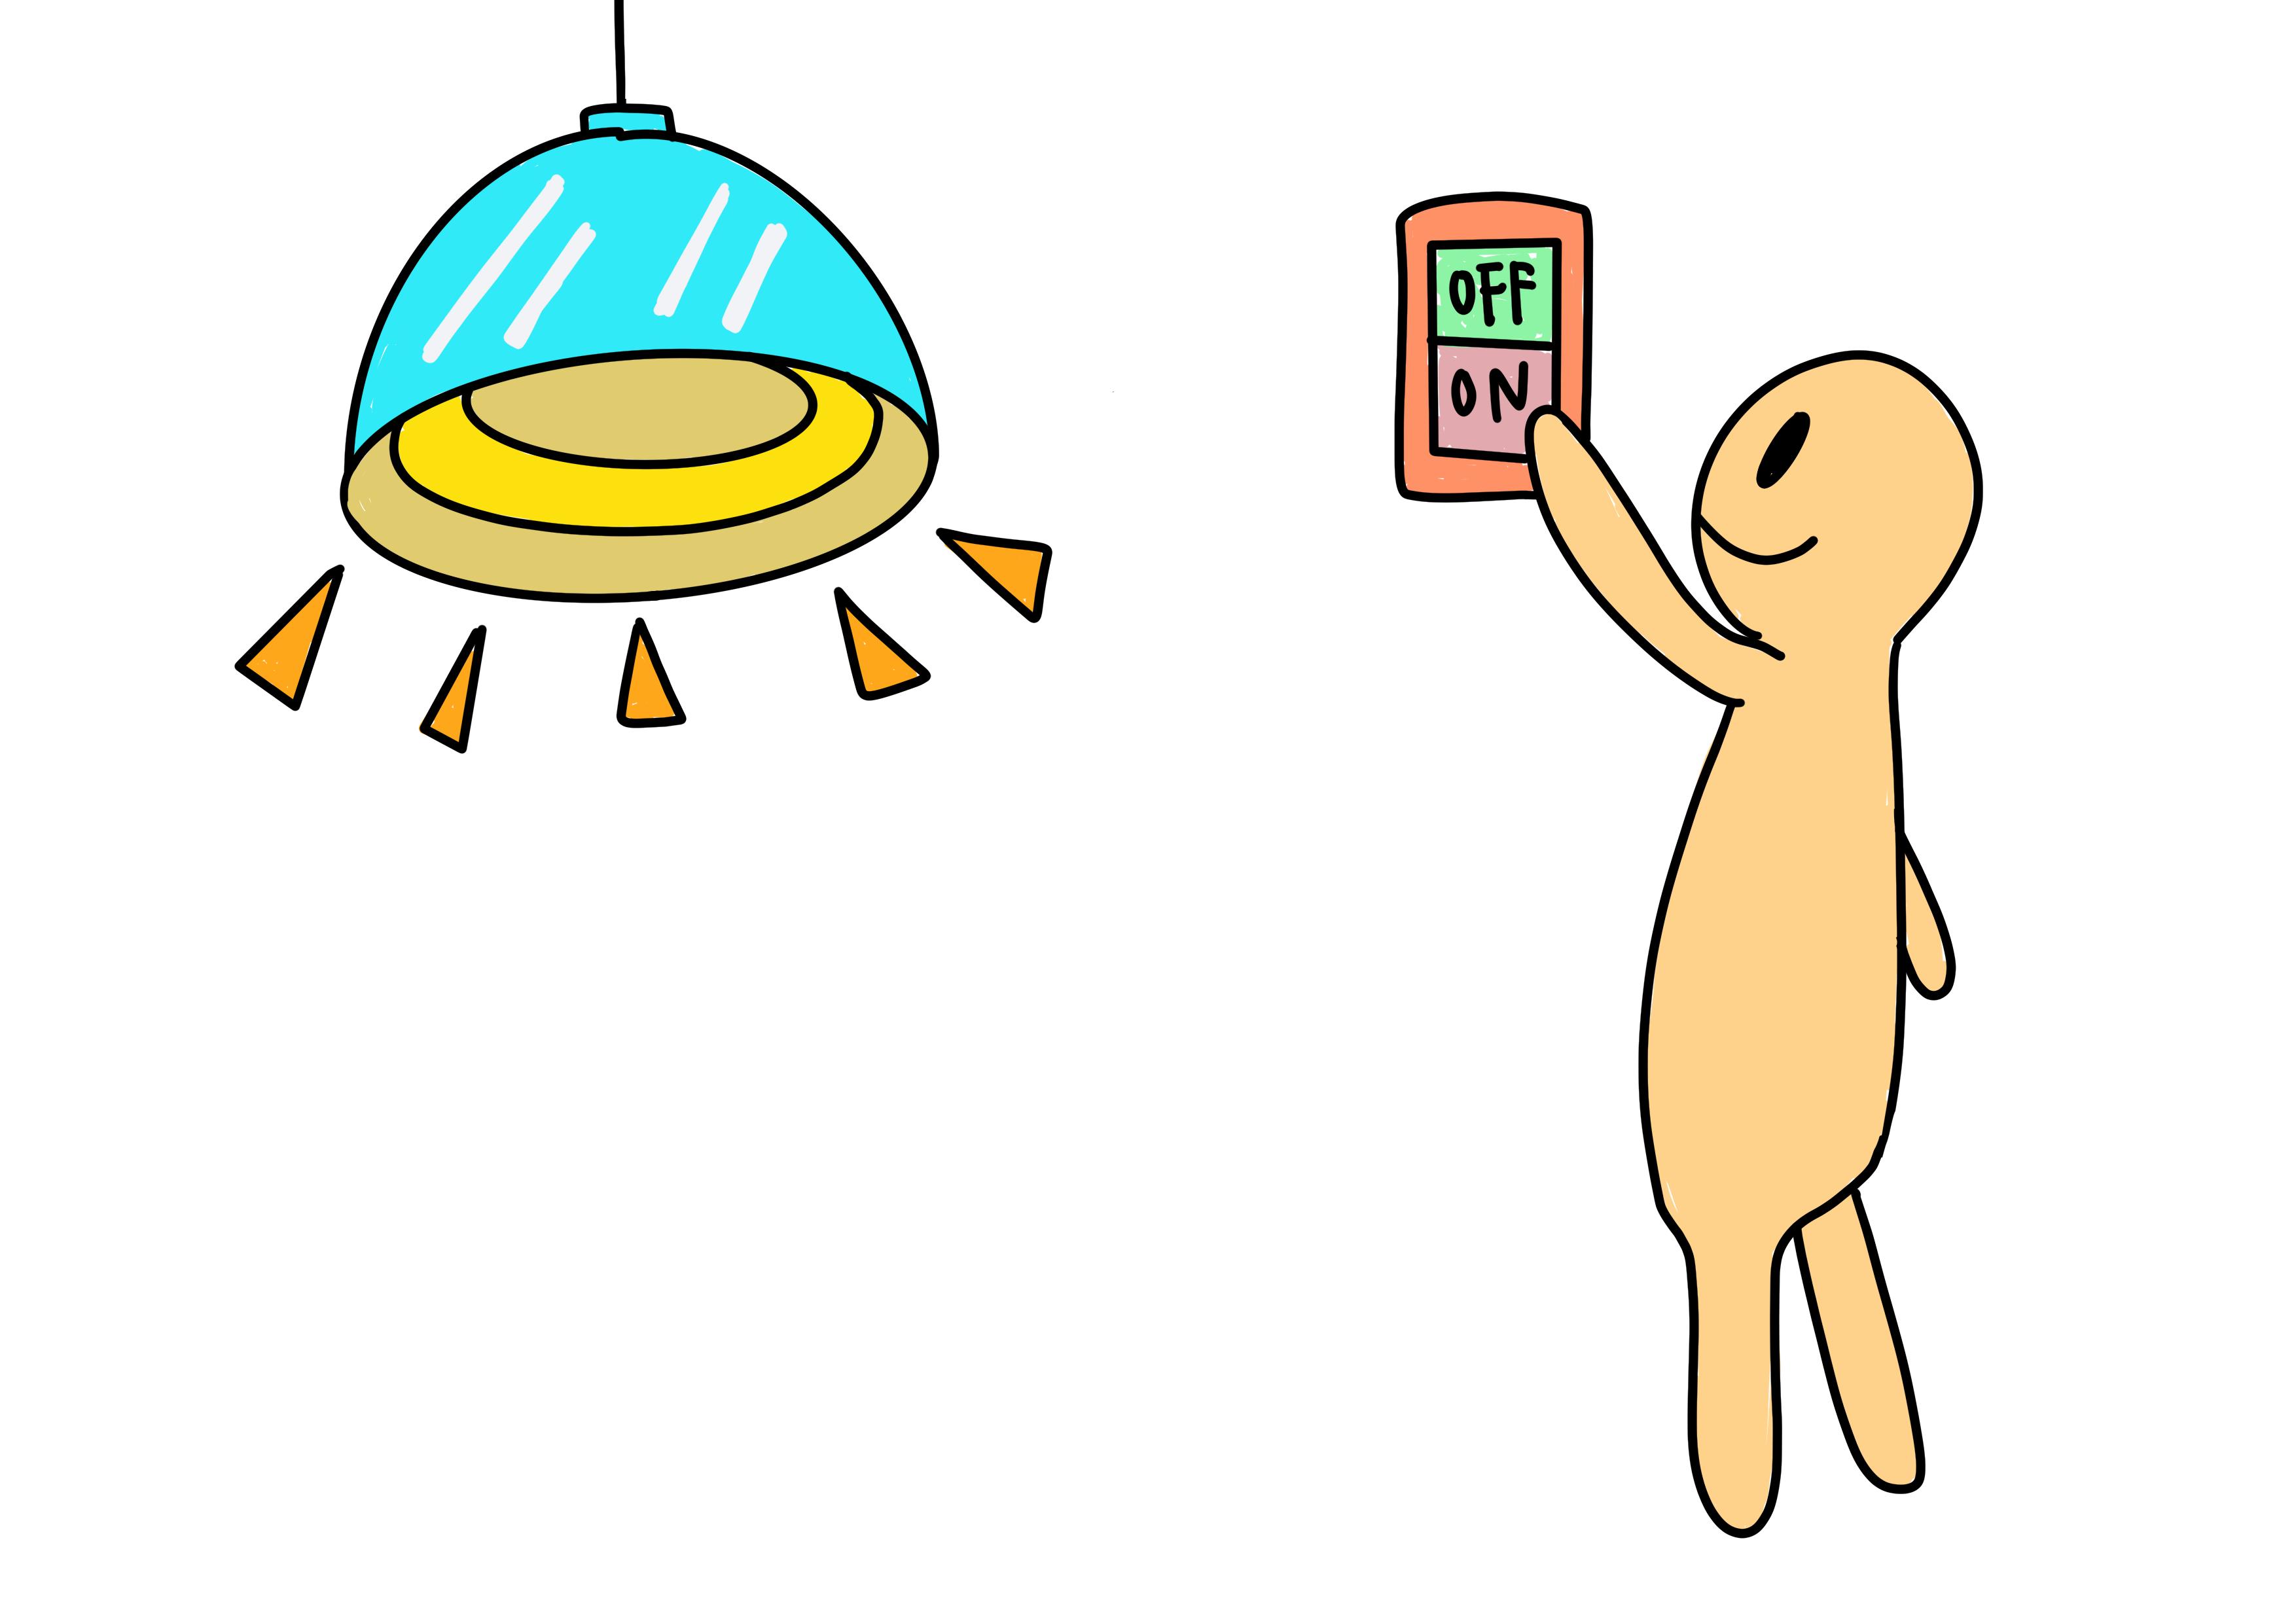 29課イラスト【電気をつける】